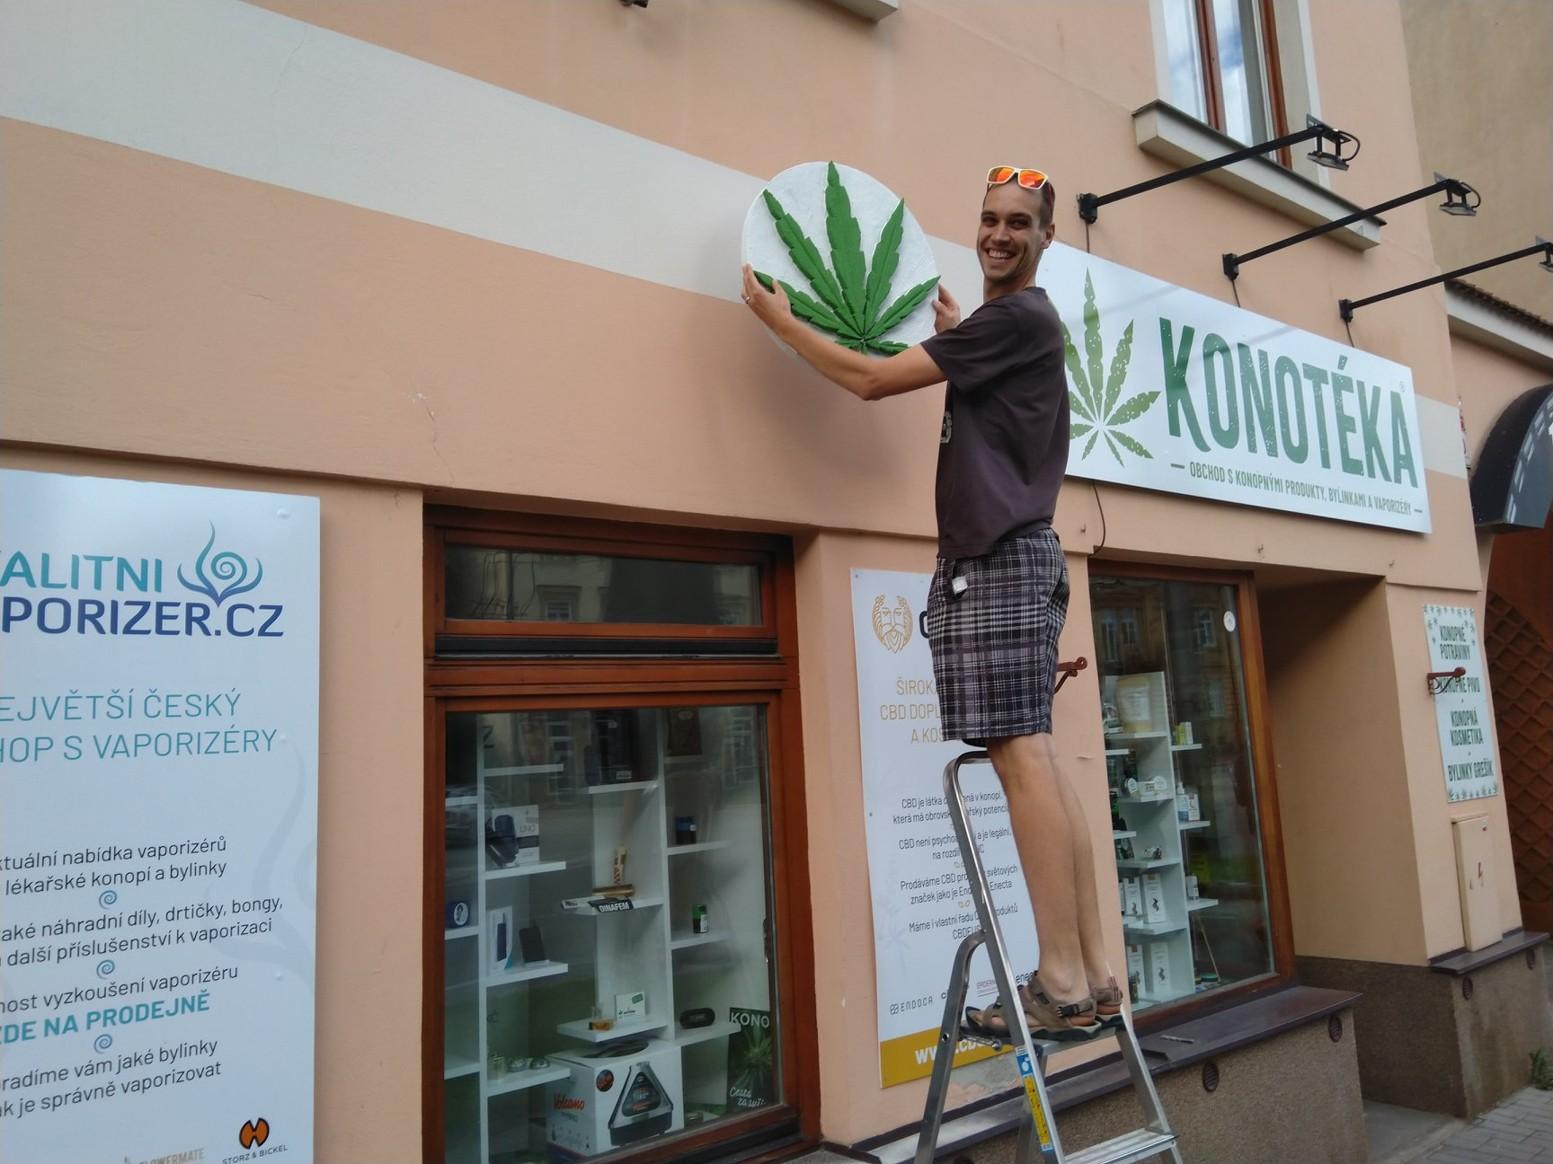 KONOTÉKA - obchod s konopným zbožím v Českých Budějovicích.